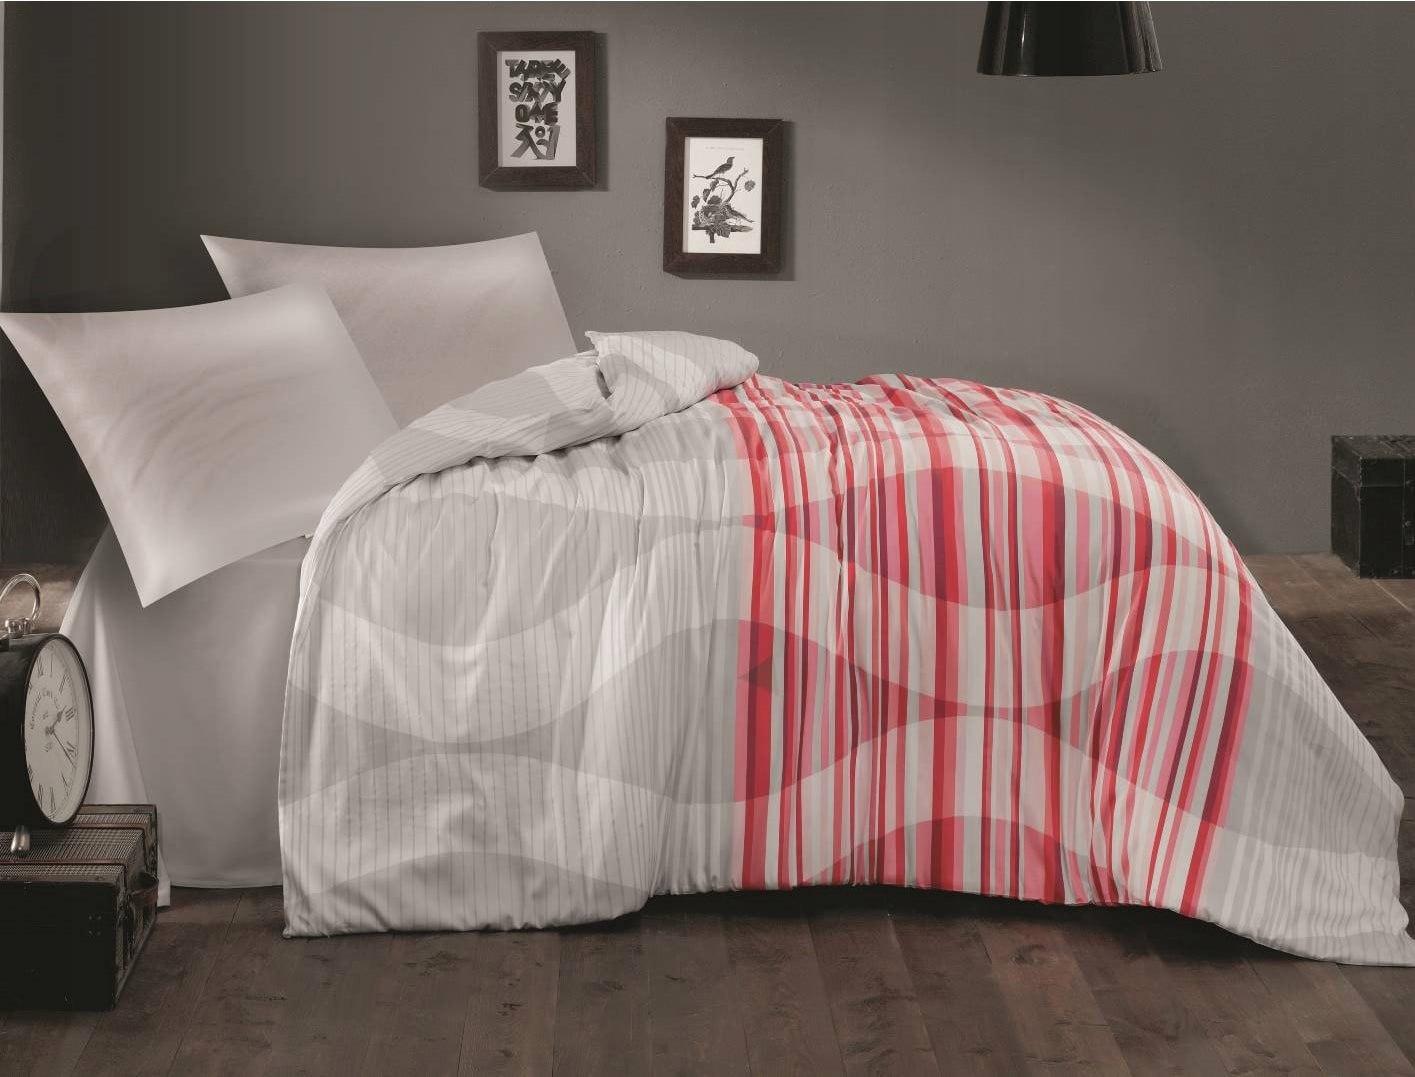 Bavlnené saténové posteľné obliečky (Š) RETRO 1 / 140x200 EXKLUZÍVNE